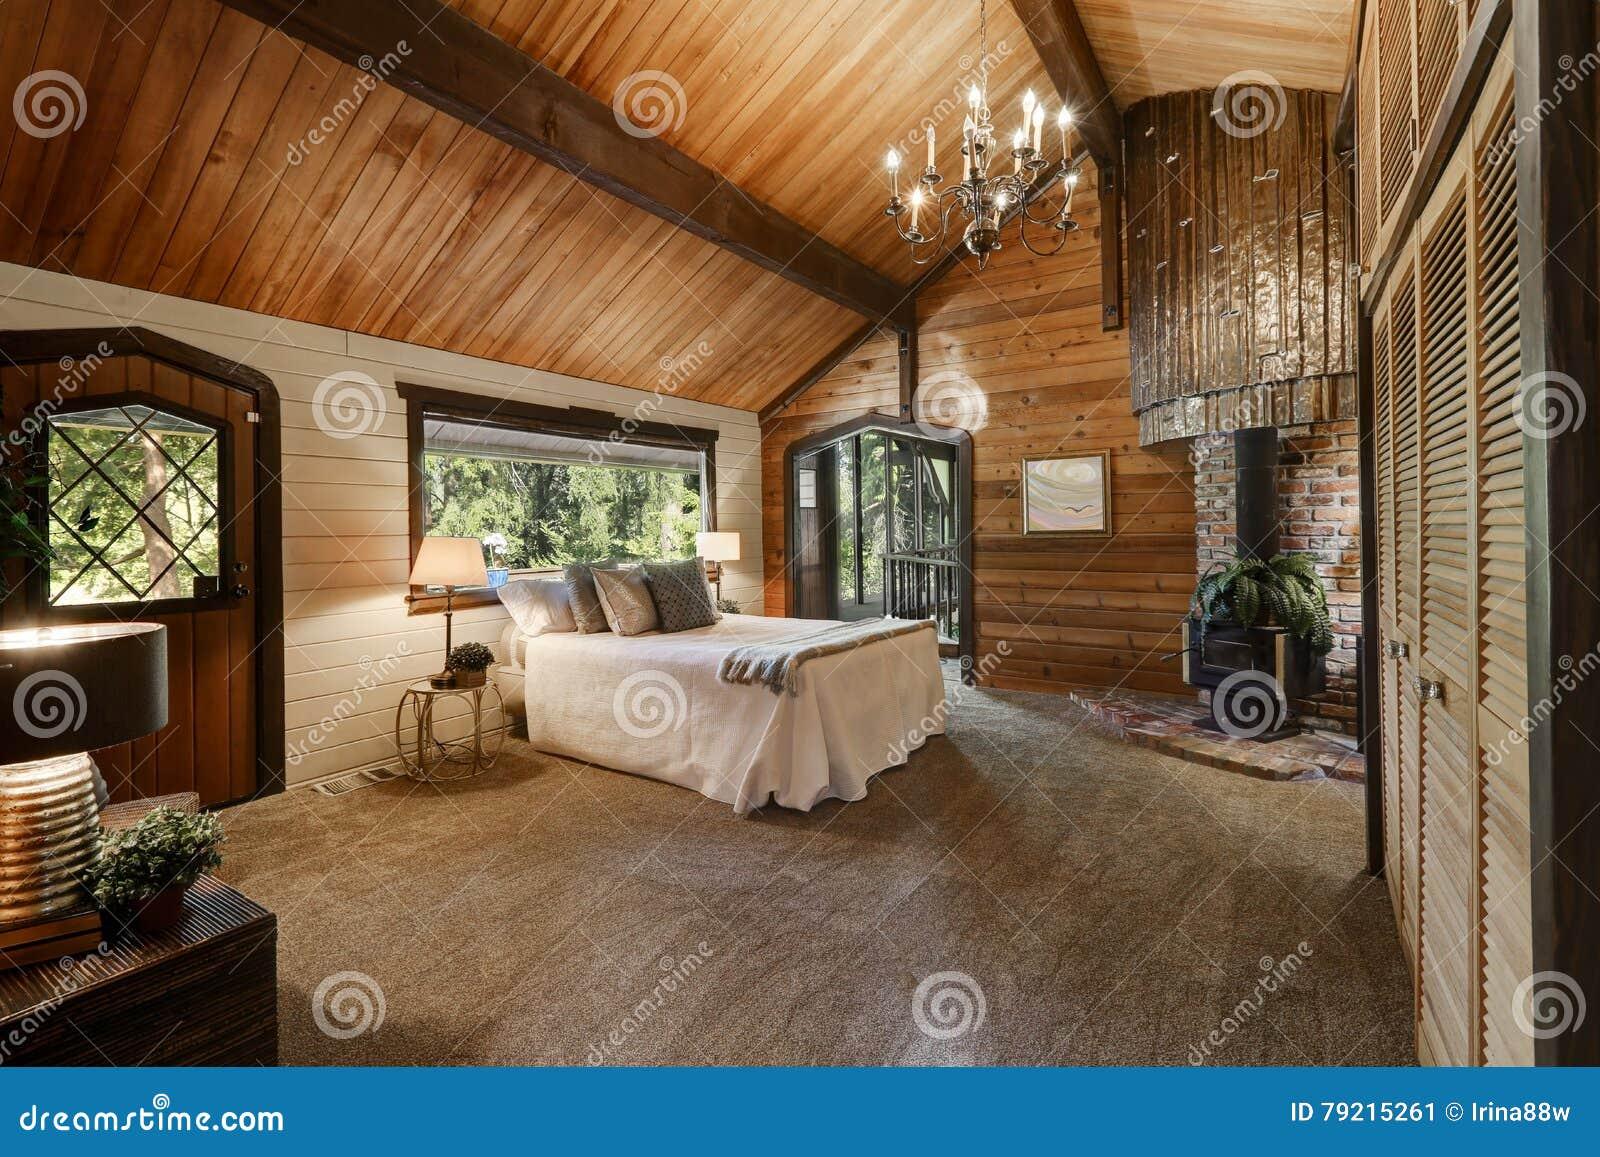 Interno Di Legno Della Camera Da Letto Con Il Soffitto Arcato Alto Immagine Stock Immagine Di Luminoso Bedroom 79215261